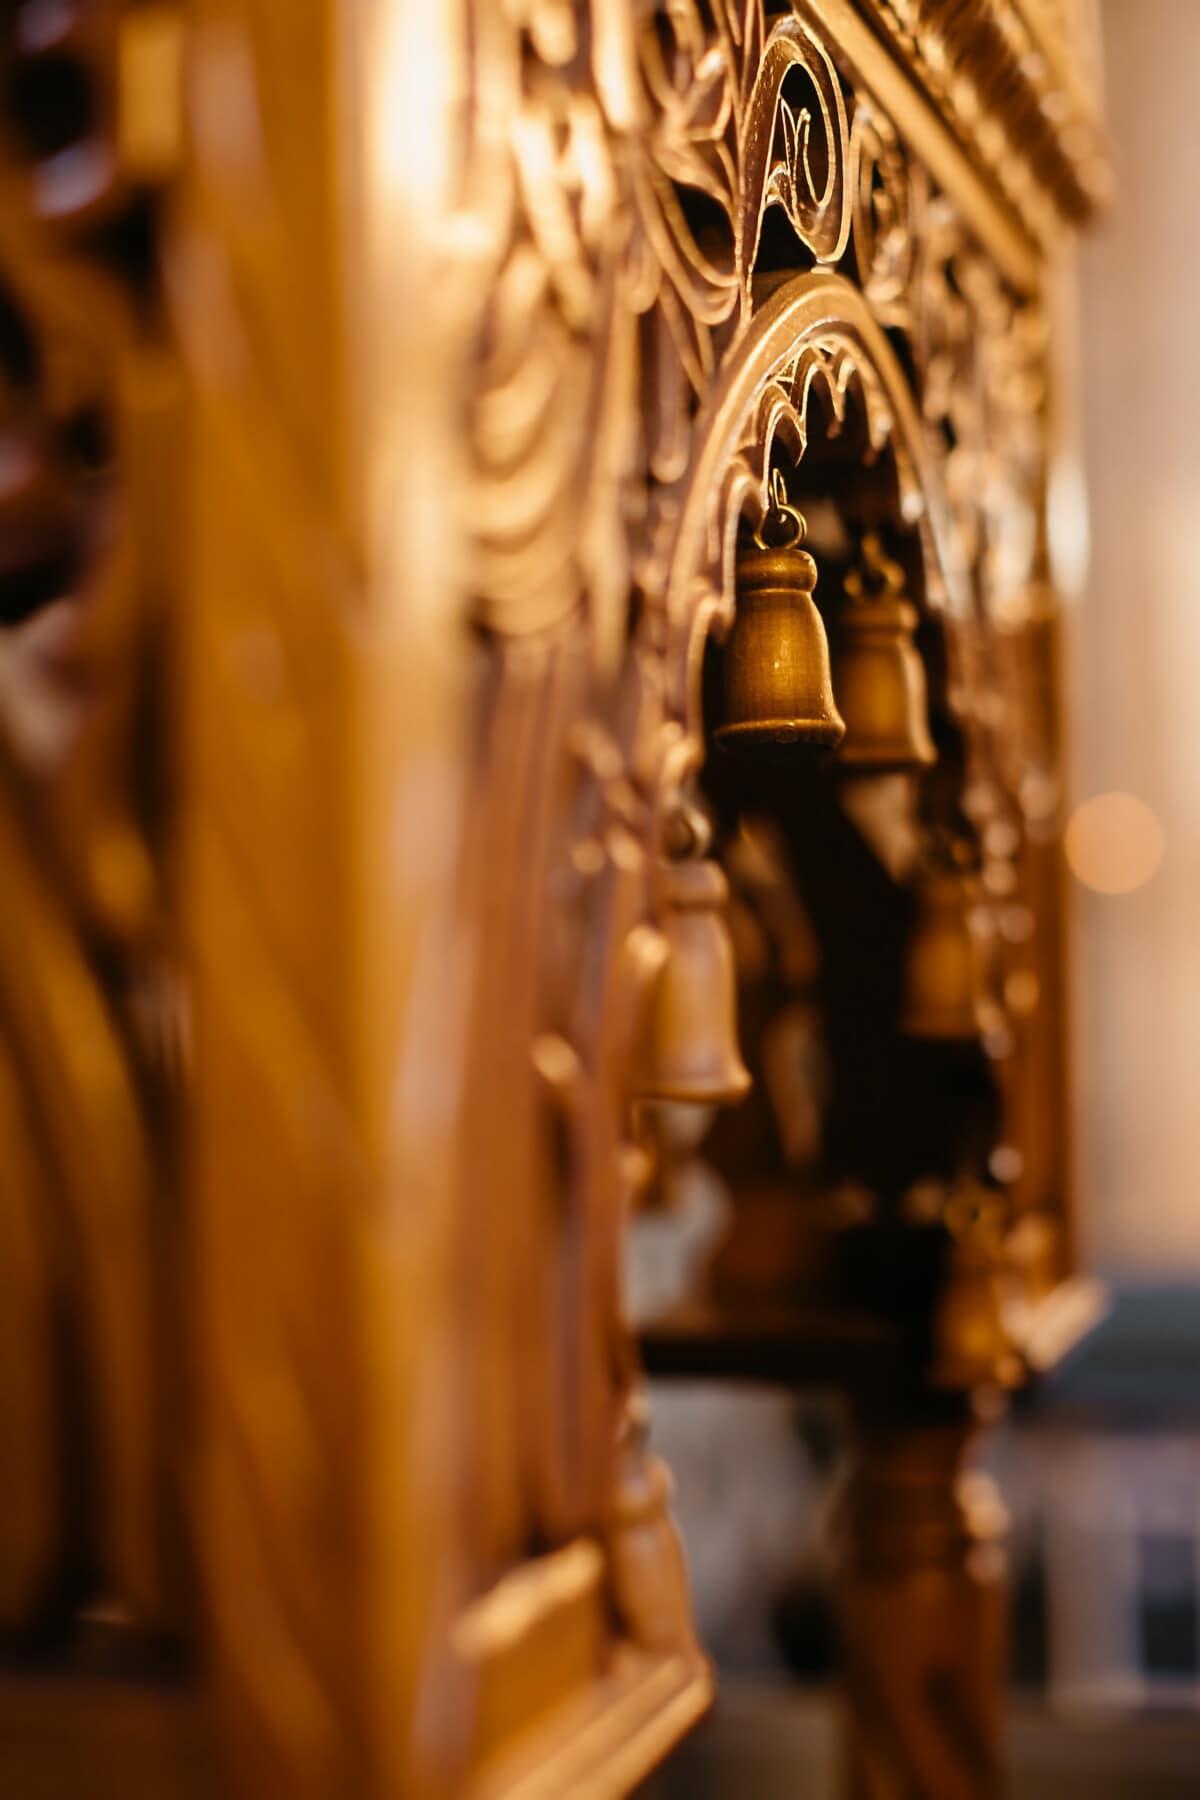 Möbel, aus Holz, Detail, Glocke, Barock, Schnitzereien, Antike, handgefertigte, drinnen, alt